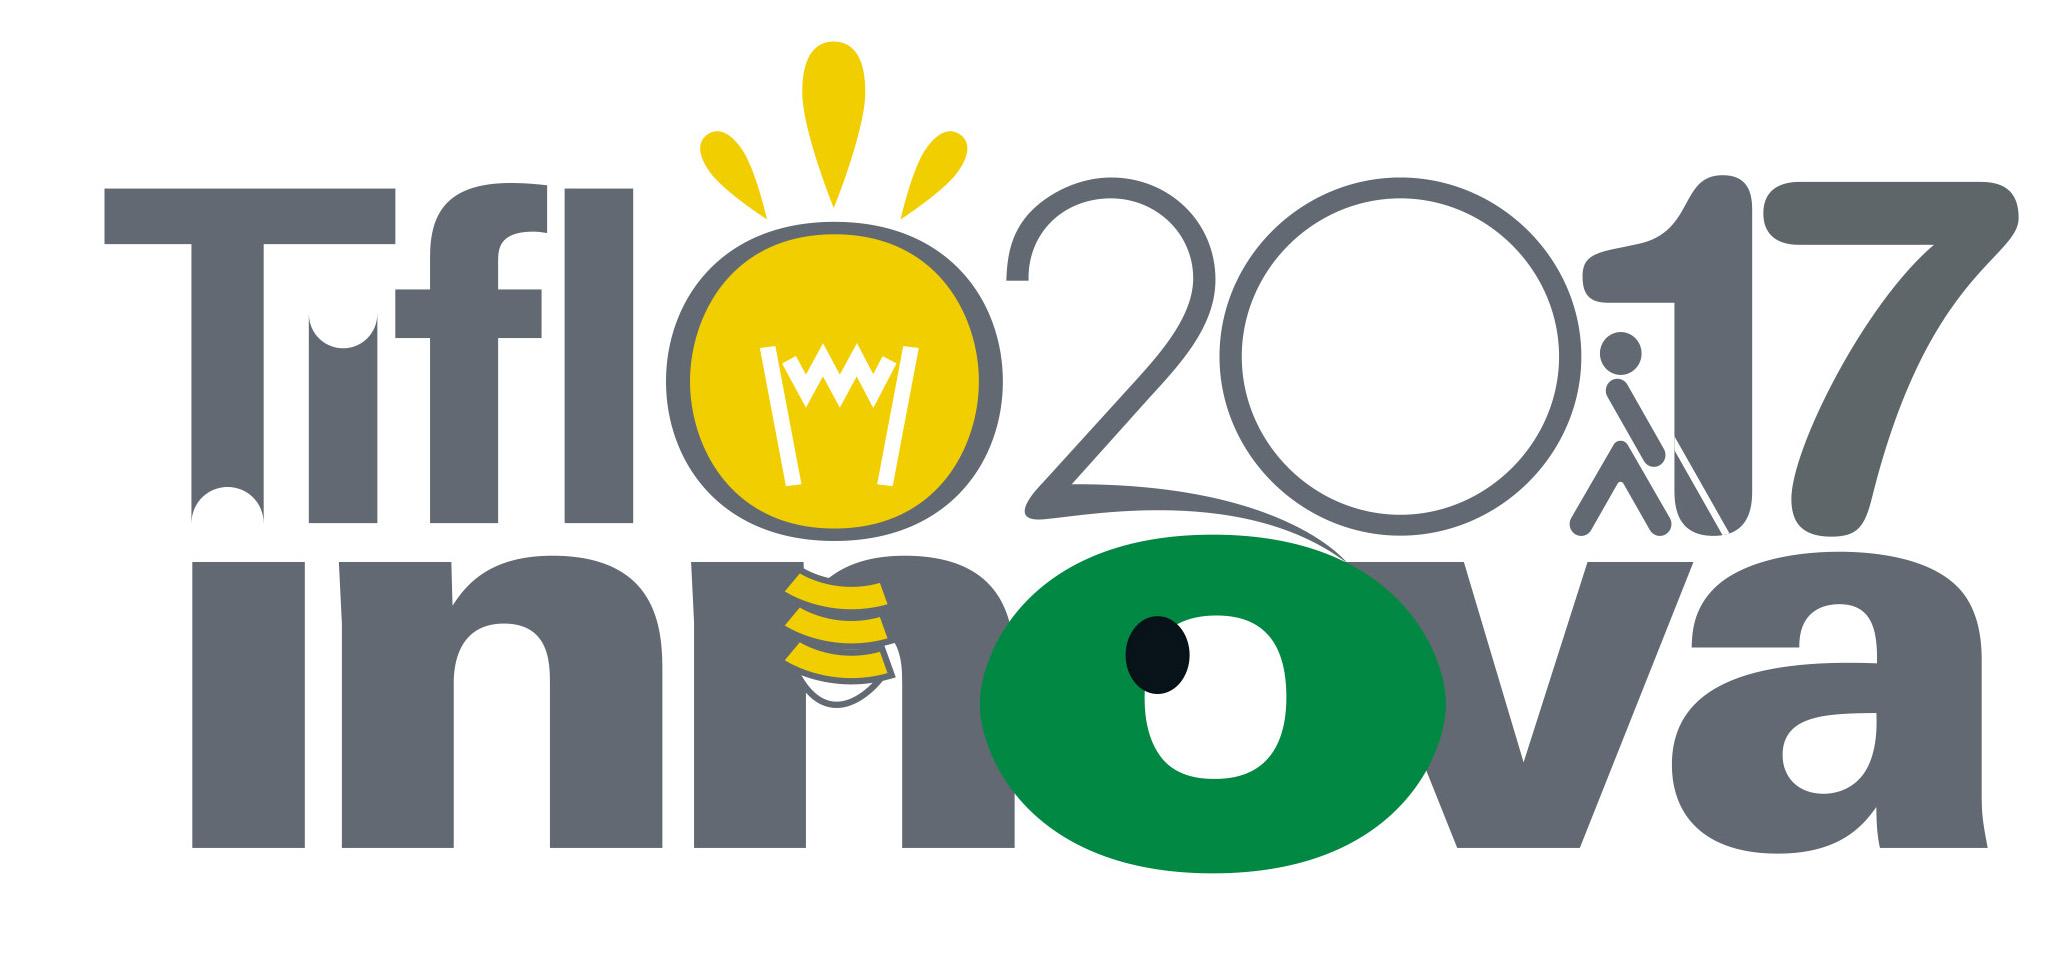 Logo TifloInnova 2017: accesibilidad y tecnología